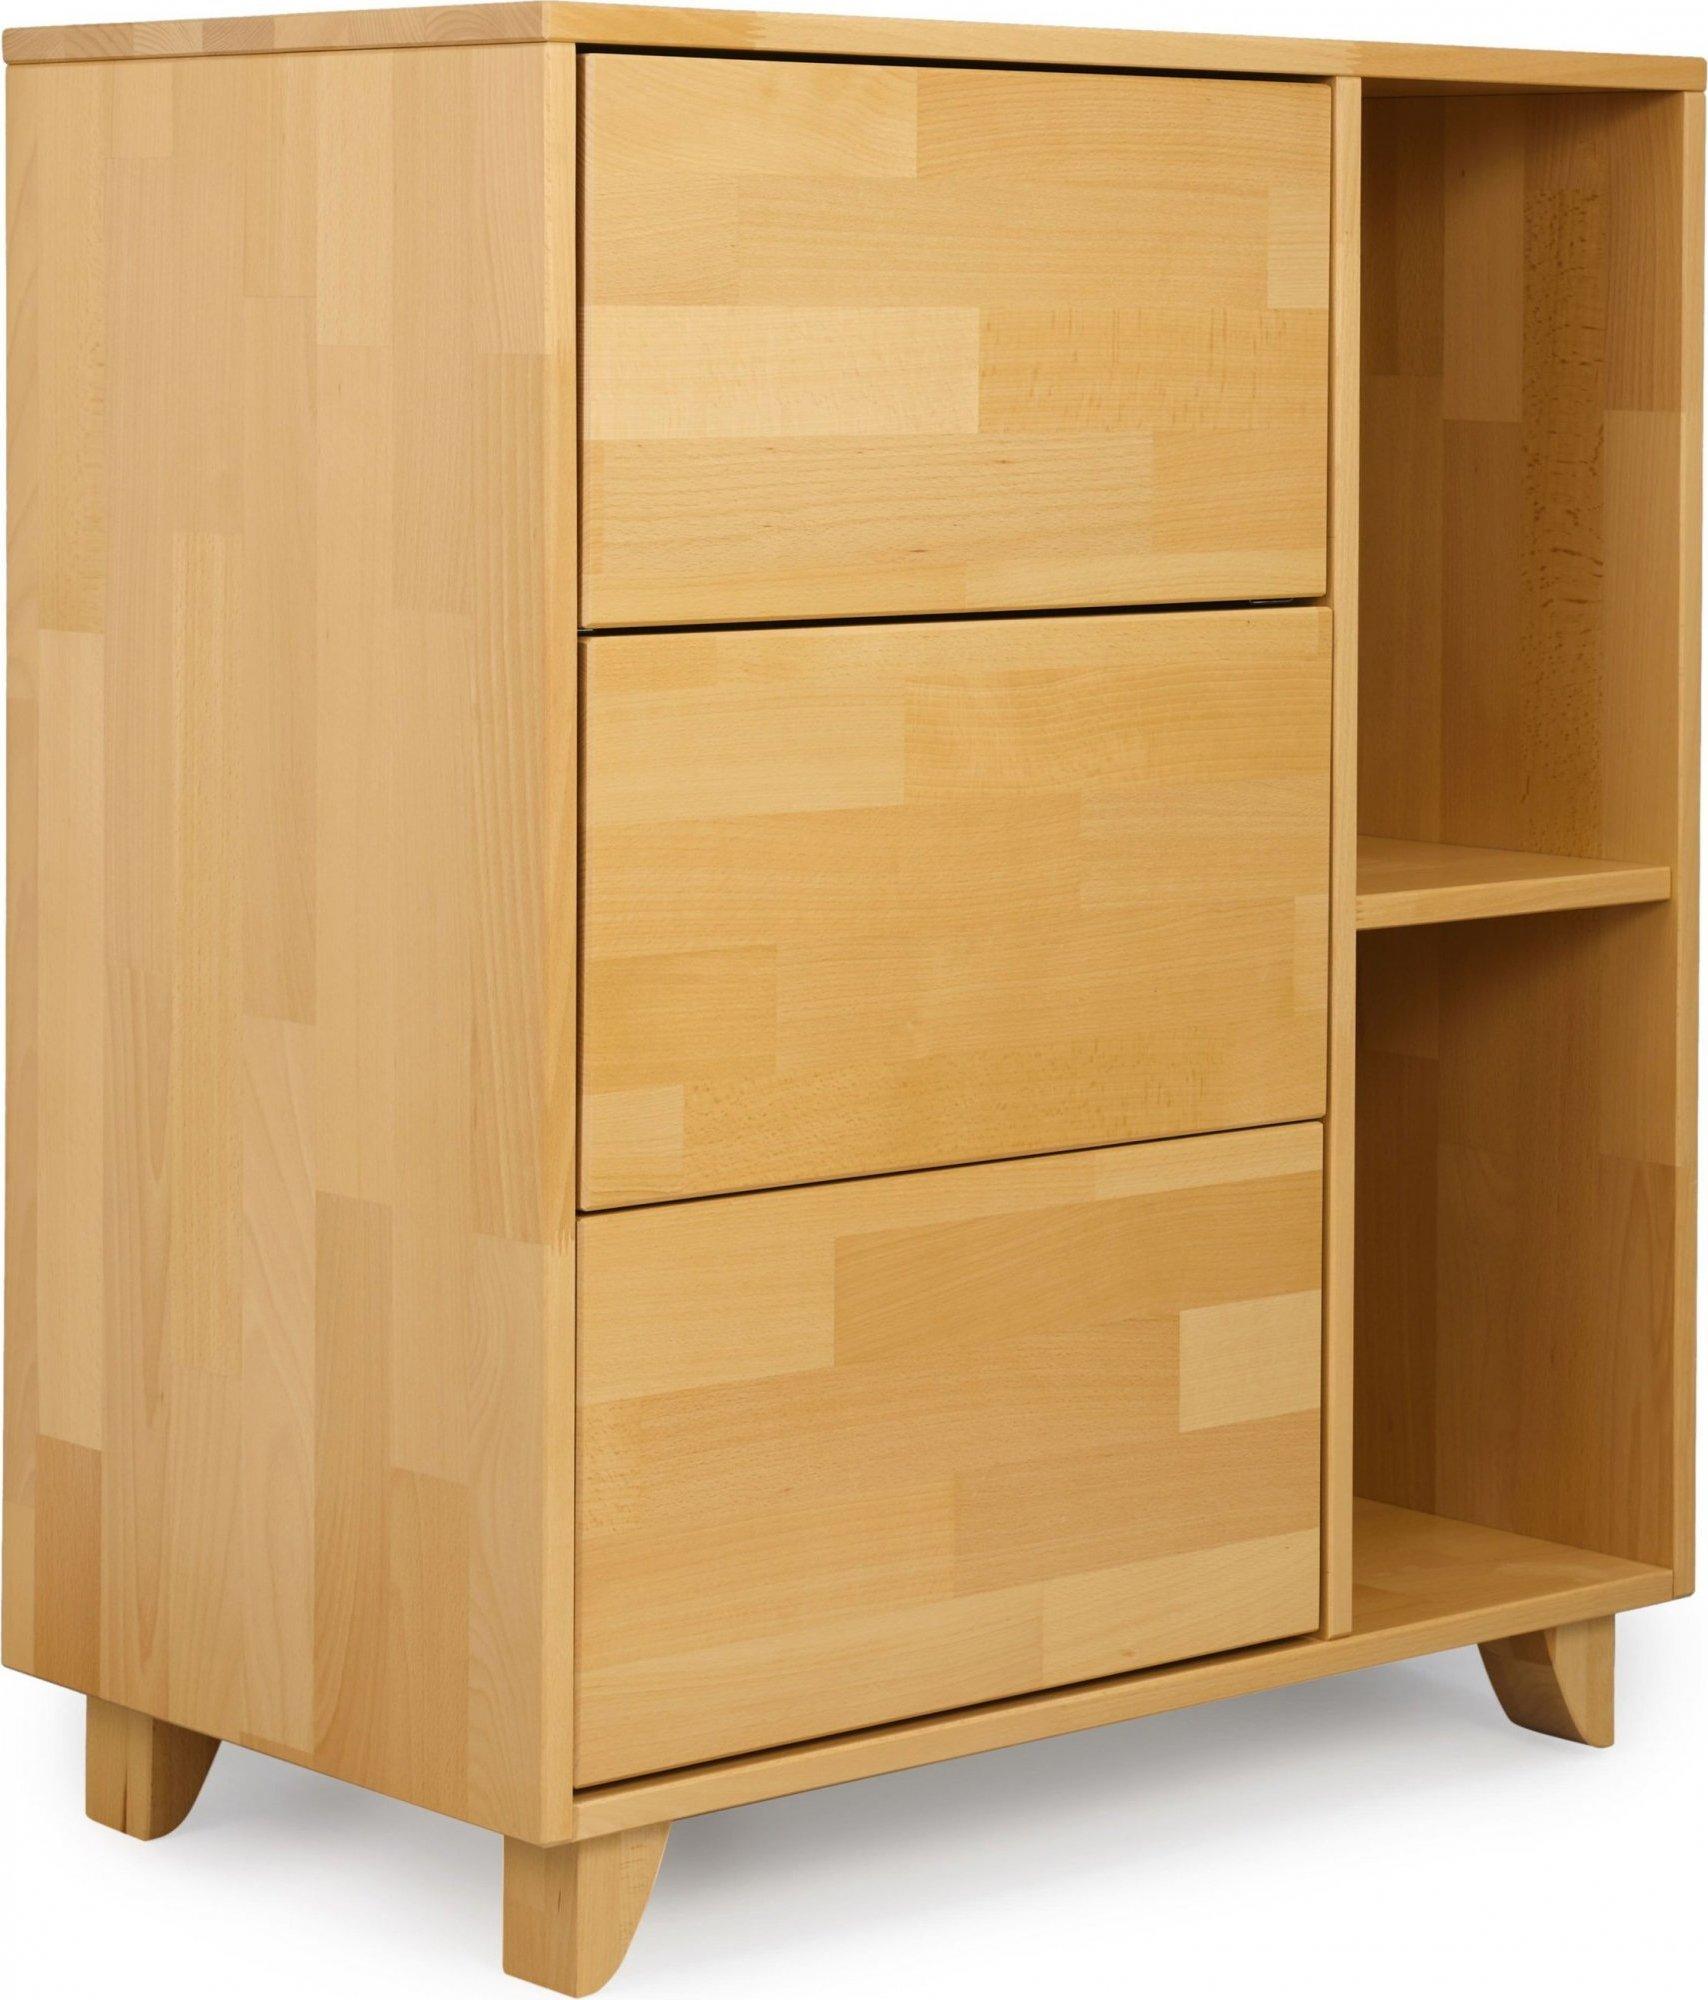 Commode en hêtre 2 niches 3 tiroirs couleur bois clair